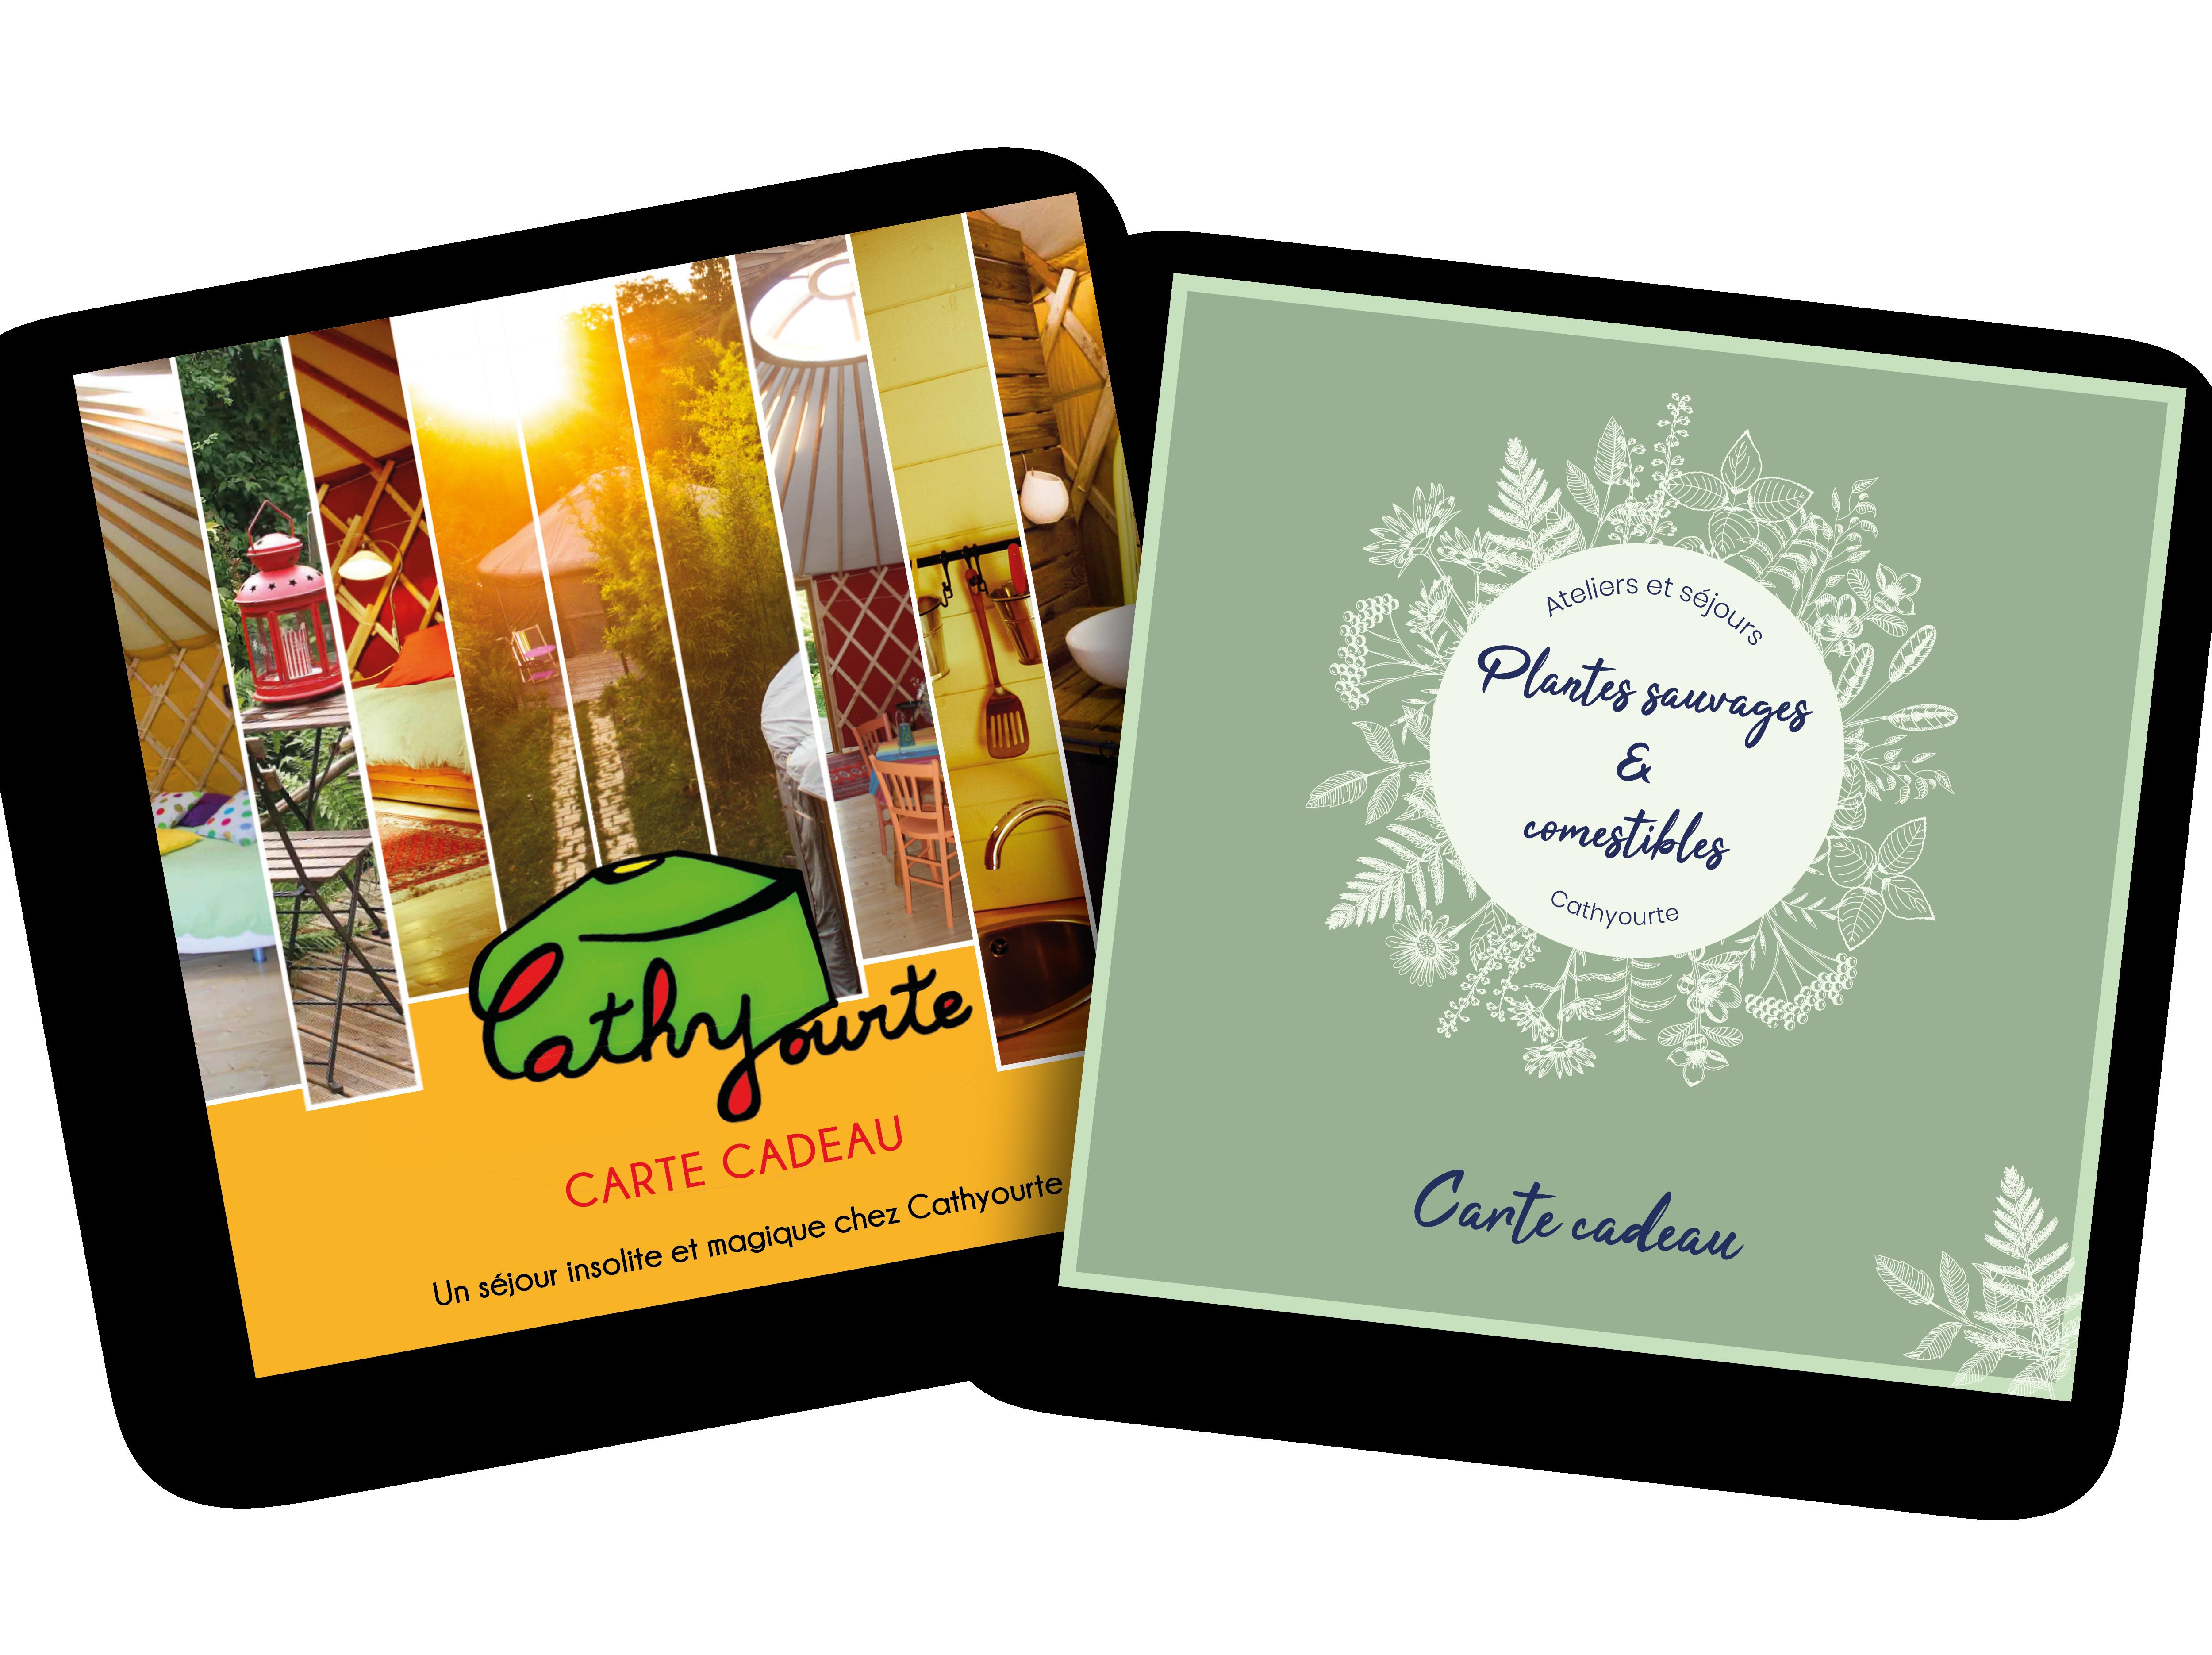 Cartes cadeaux Tours